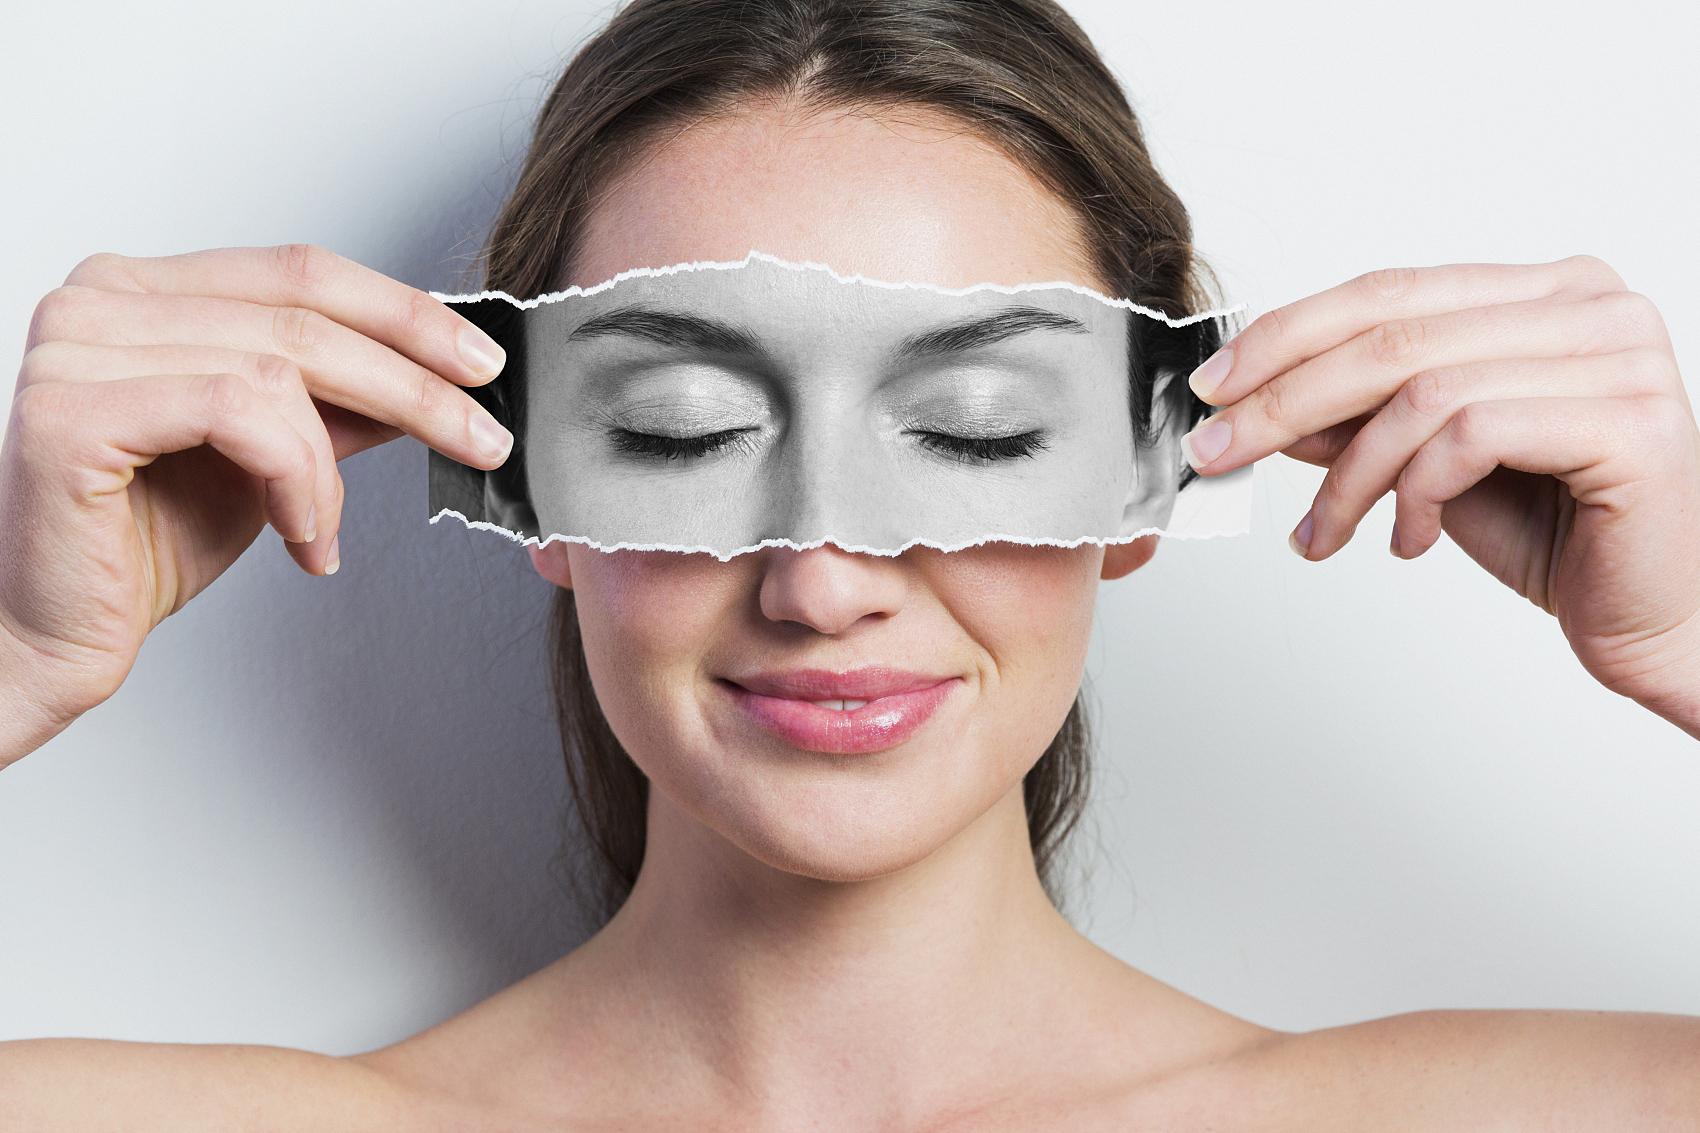 自然封面:逆转视神经老化 恢复视力 医疗领域将有重大改变